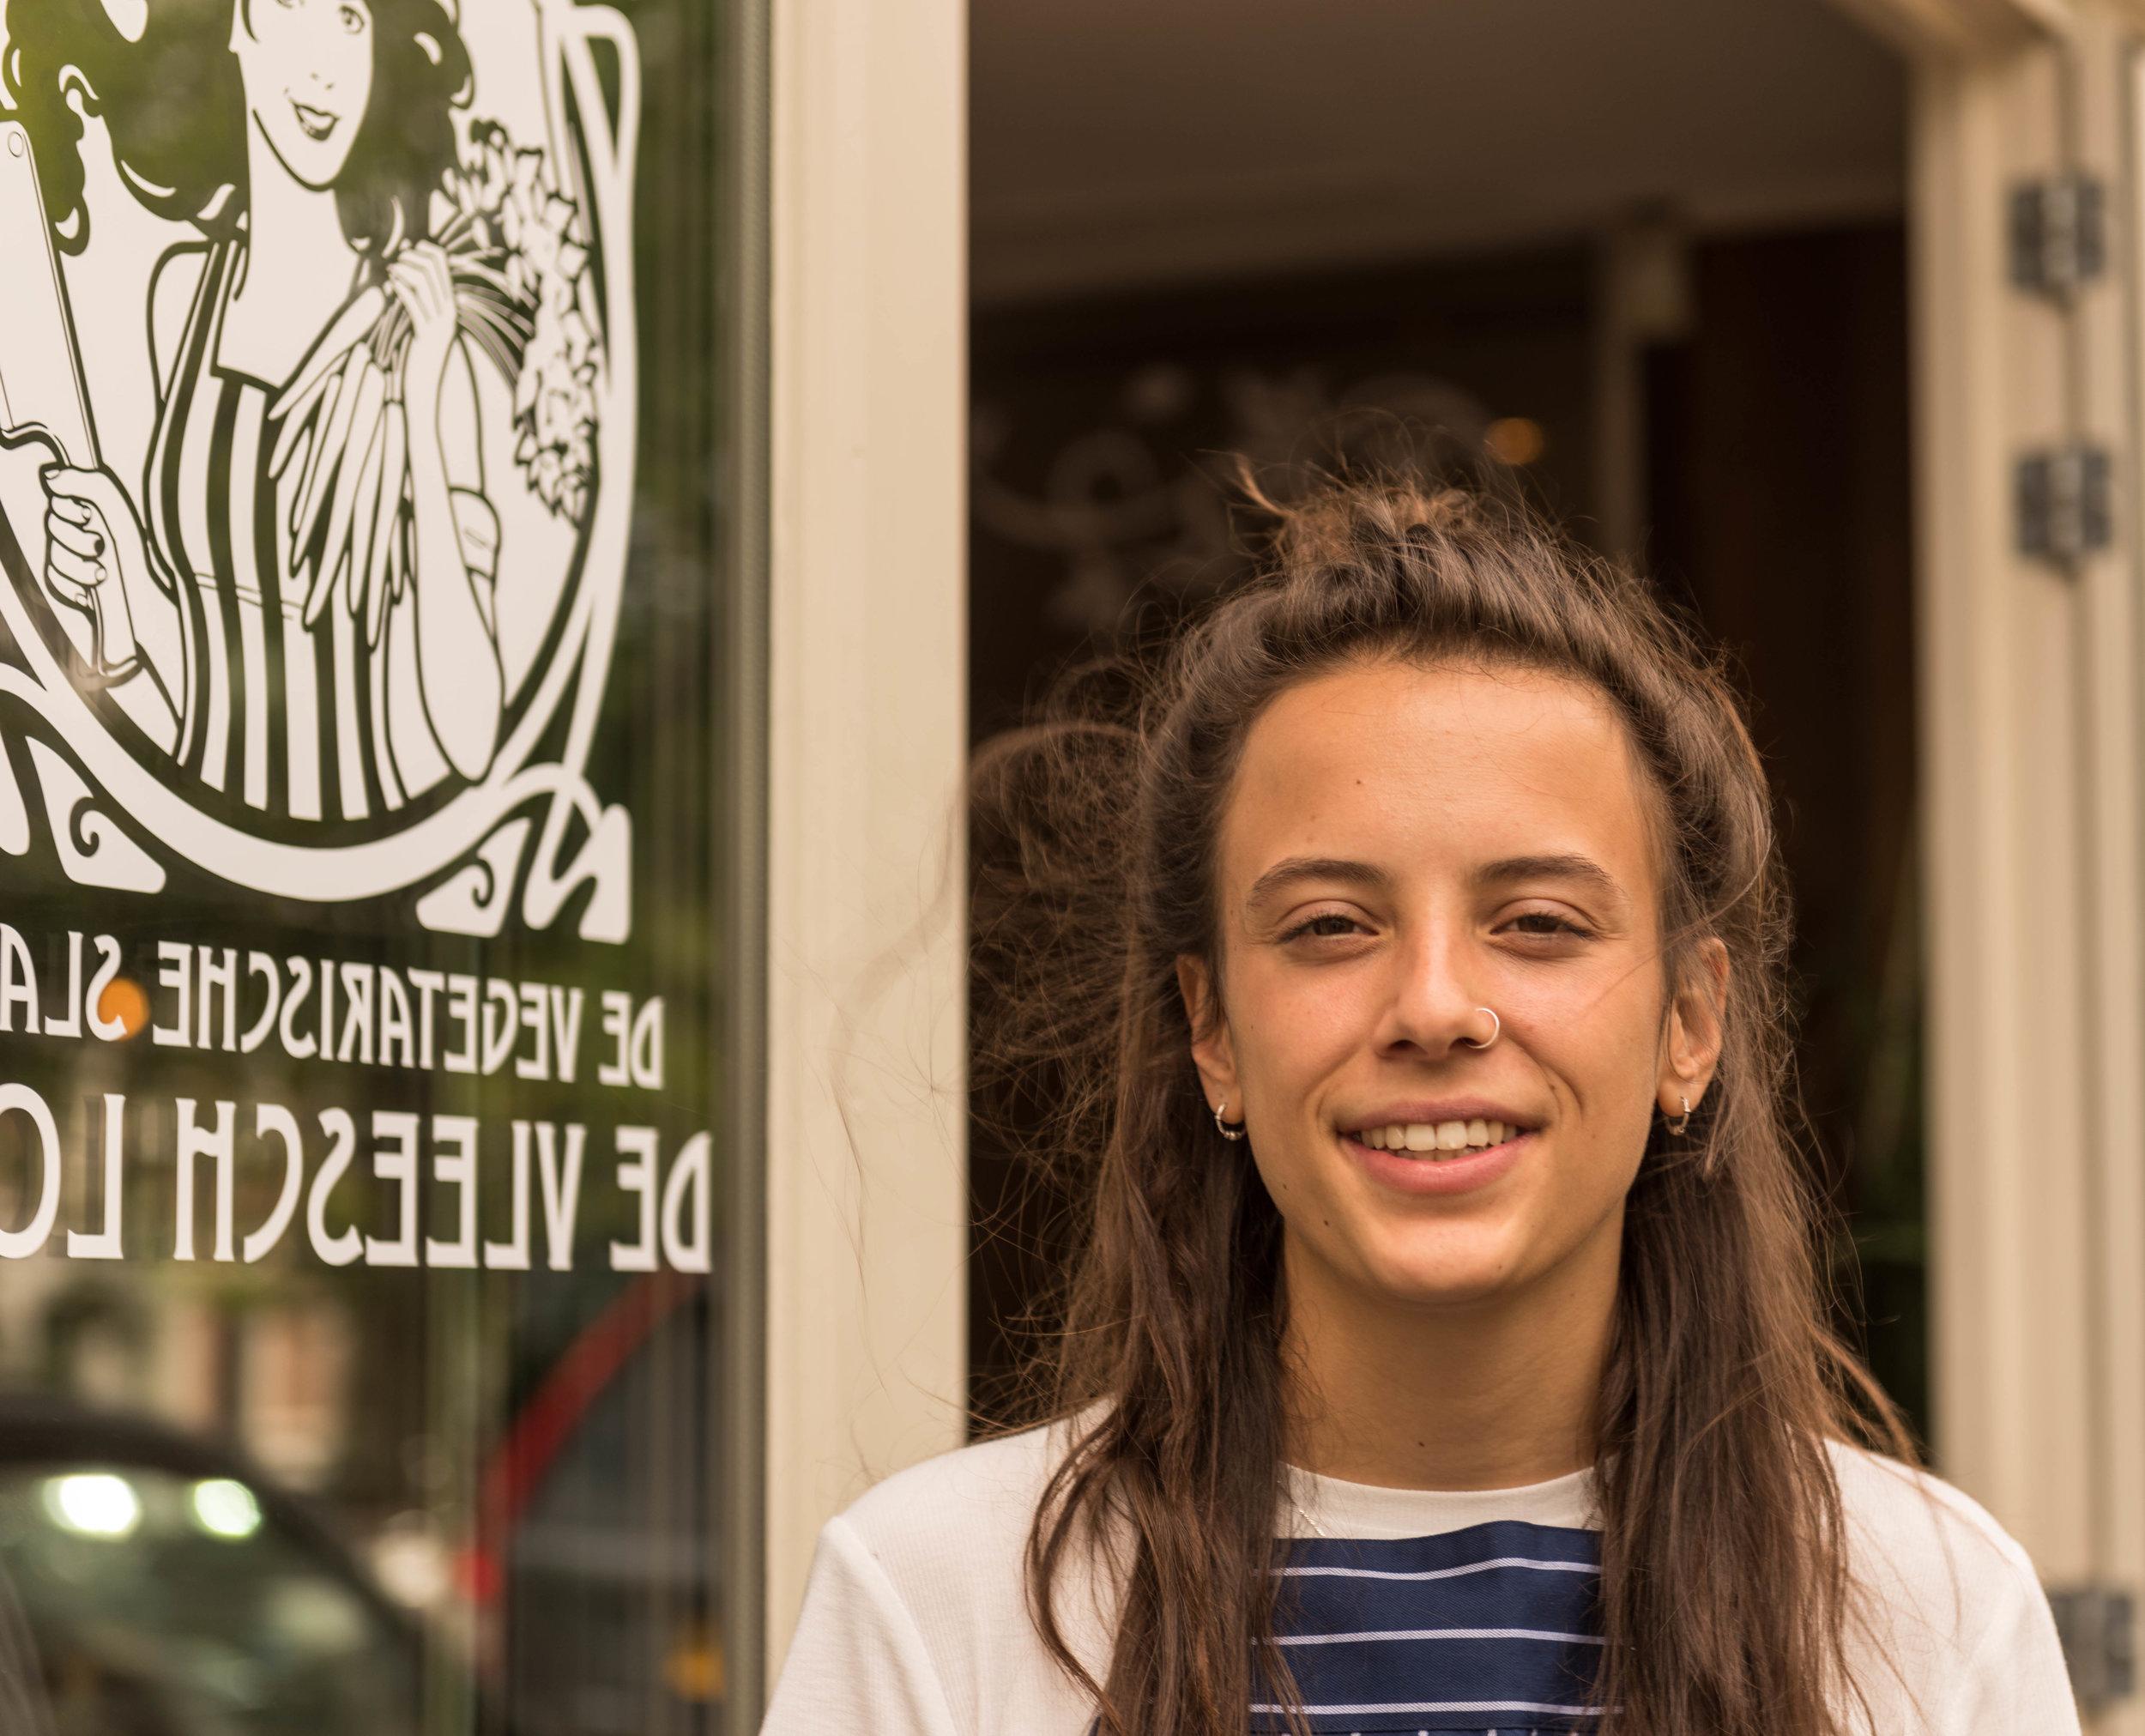 Sophie, a waiter at De Vleesch Lobby